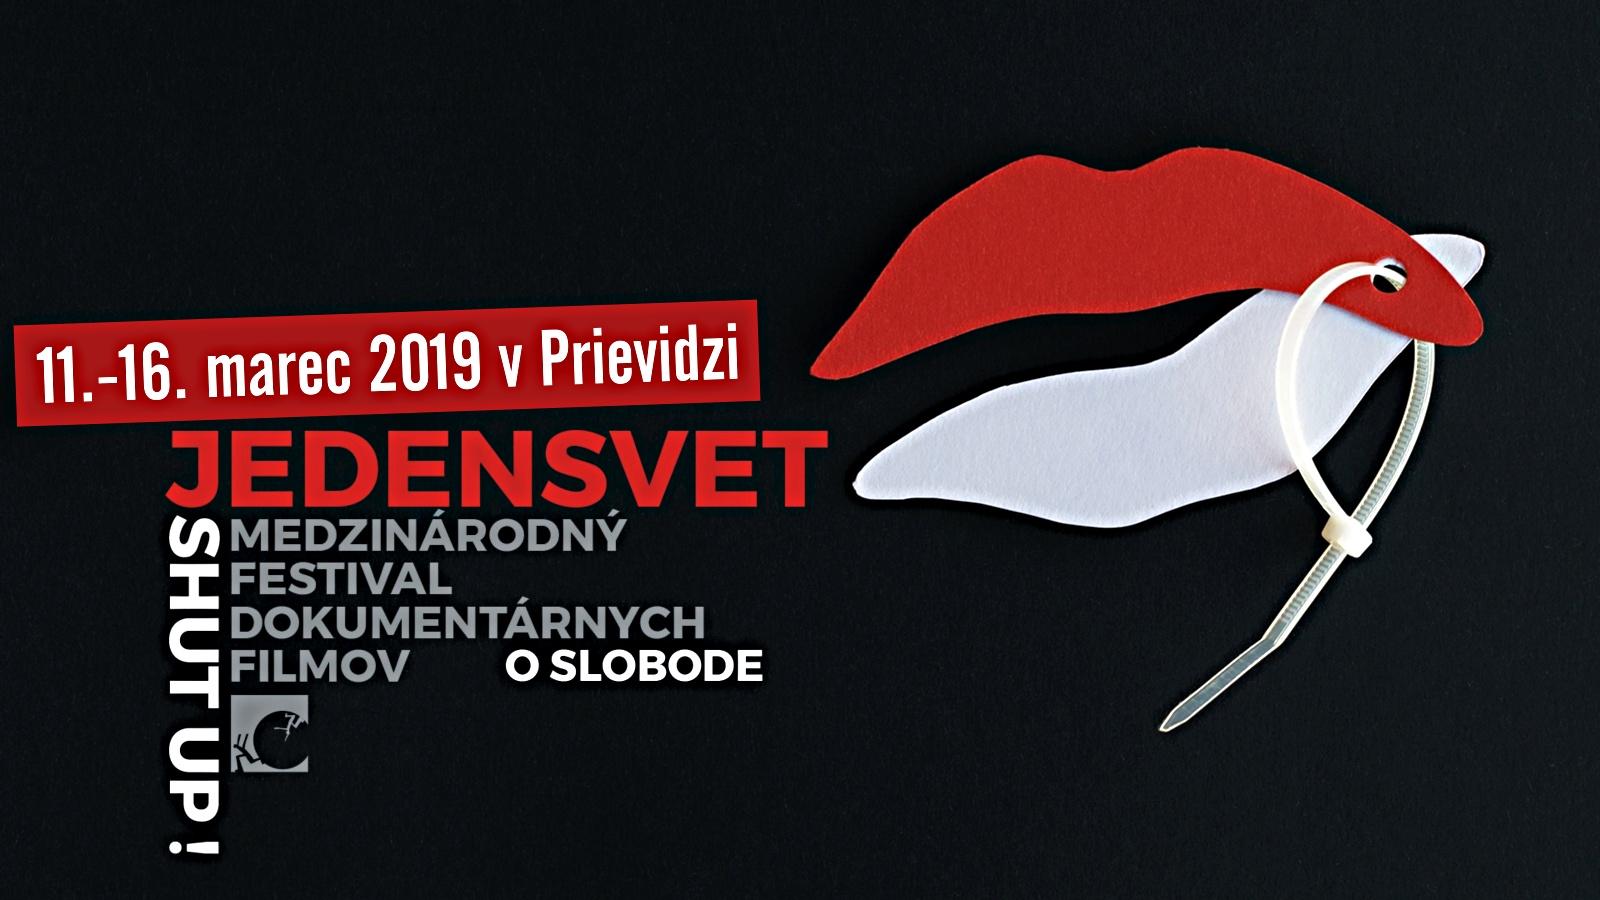 Filmový festival Jeden svet 2019 - Prievidza - kompletný program